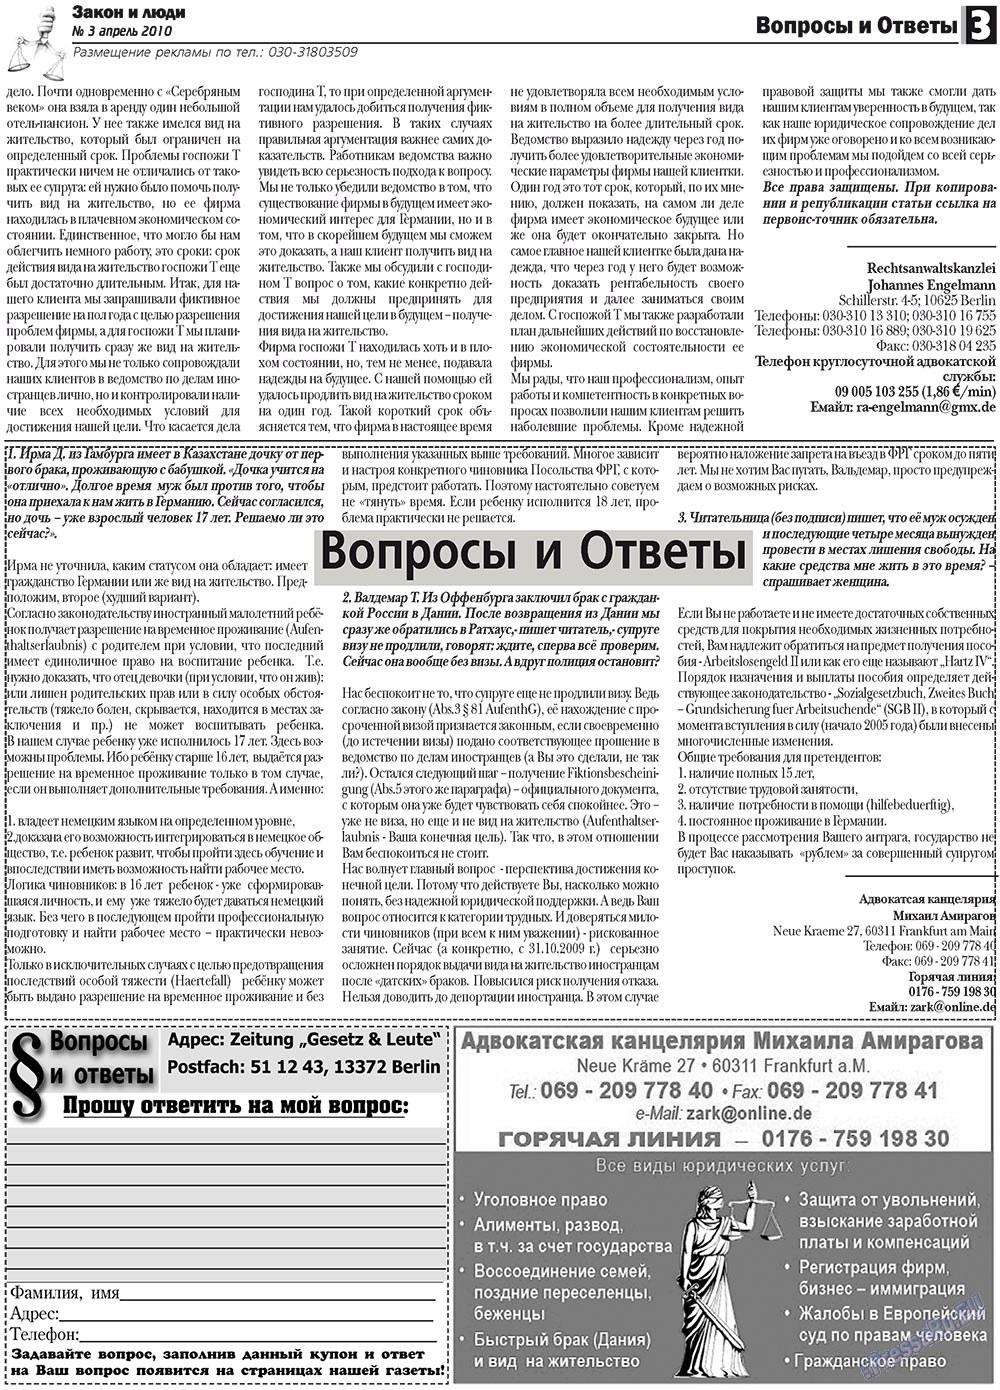 Закон и люди (газета). 2010 год, номер 3, стр. 3